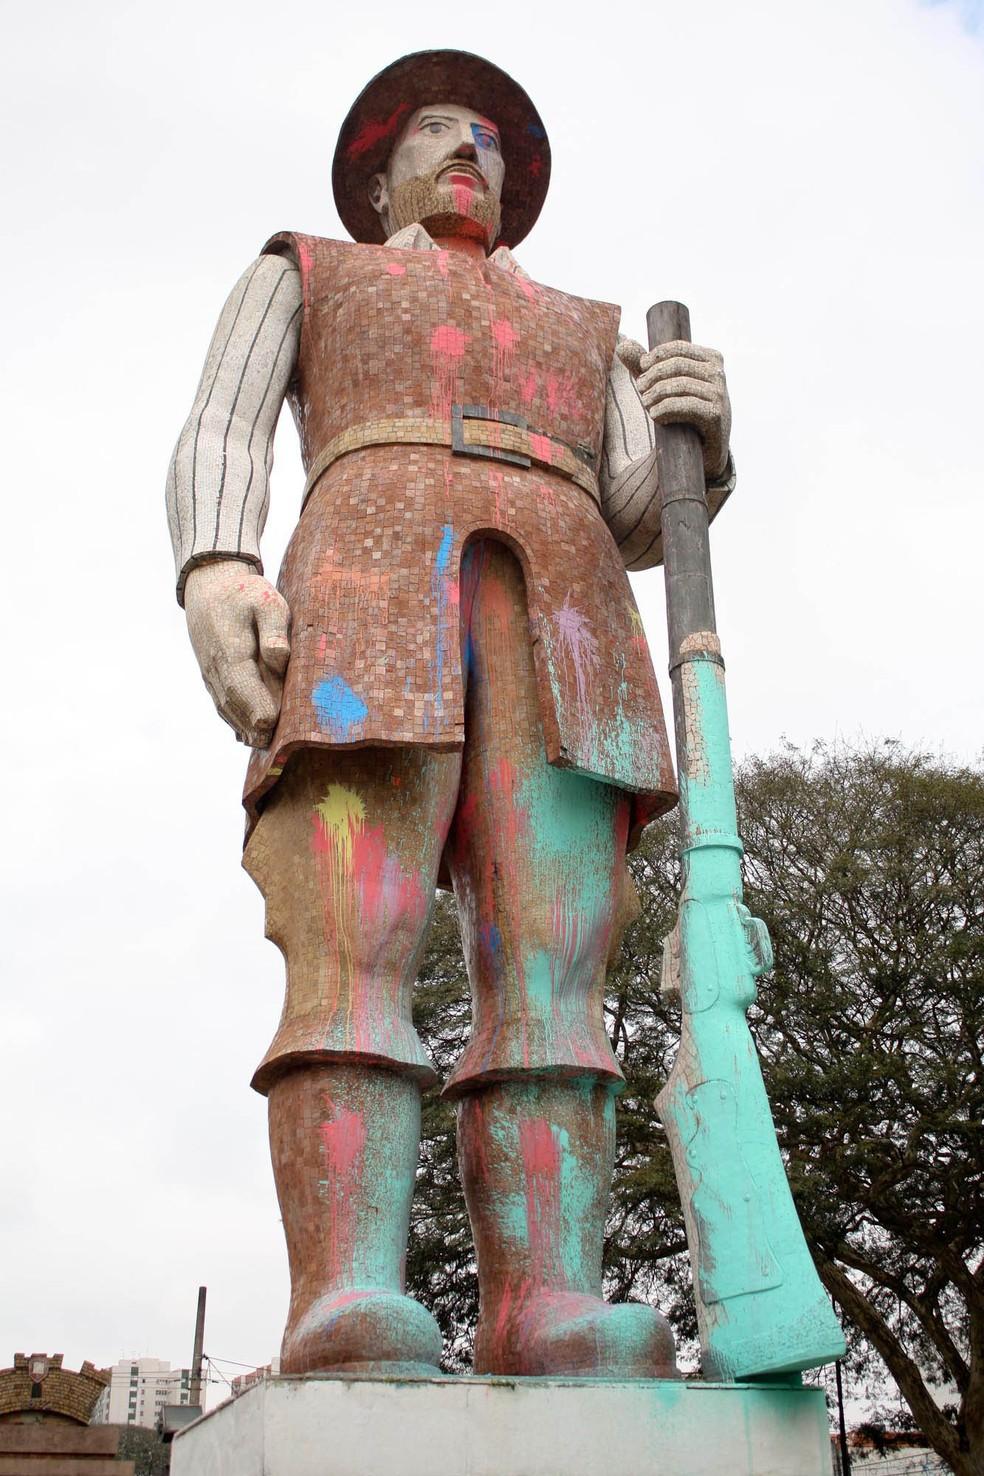 A estátua do Borba Gato, em Santo Amaro, na zona sul de São Paulo, amanheceu coberta de tinta colorida nesta sexta-feira, 30 — Foto: Luiz Claudio Barbosa/ Estadão Conteúdo